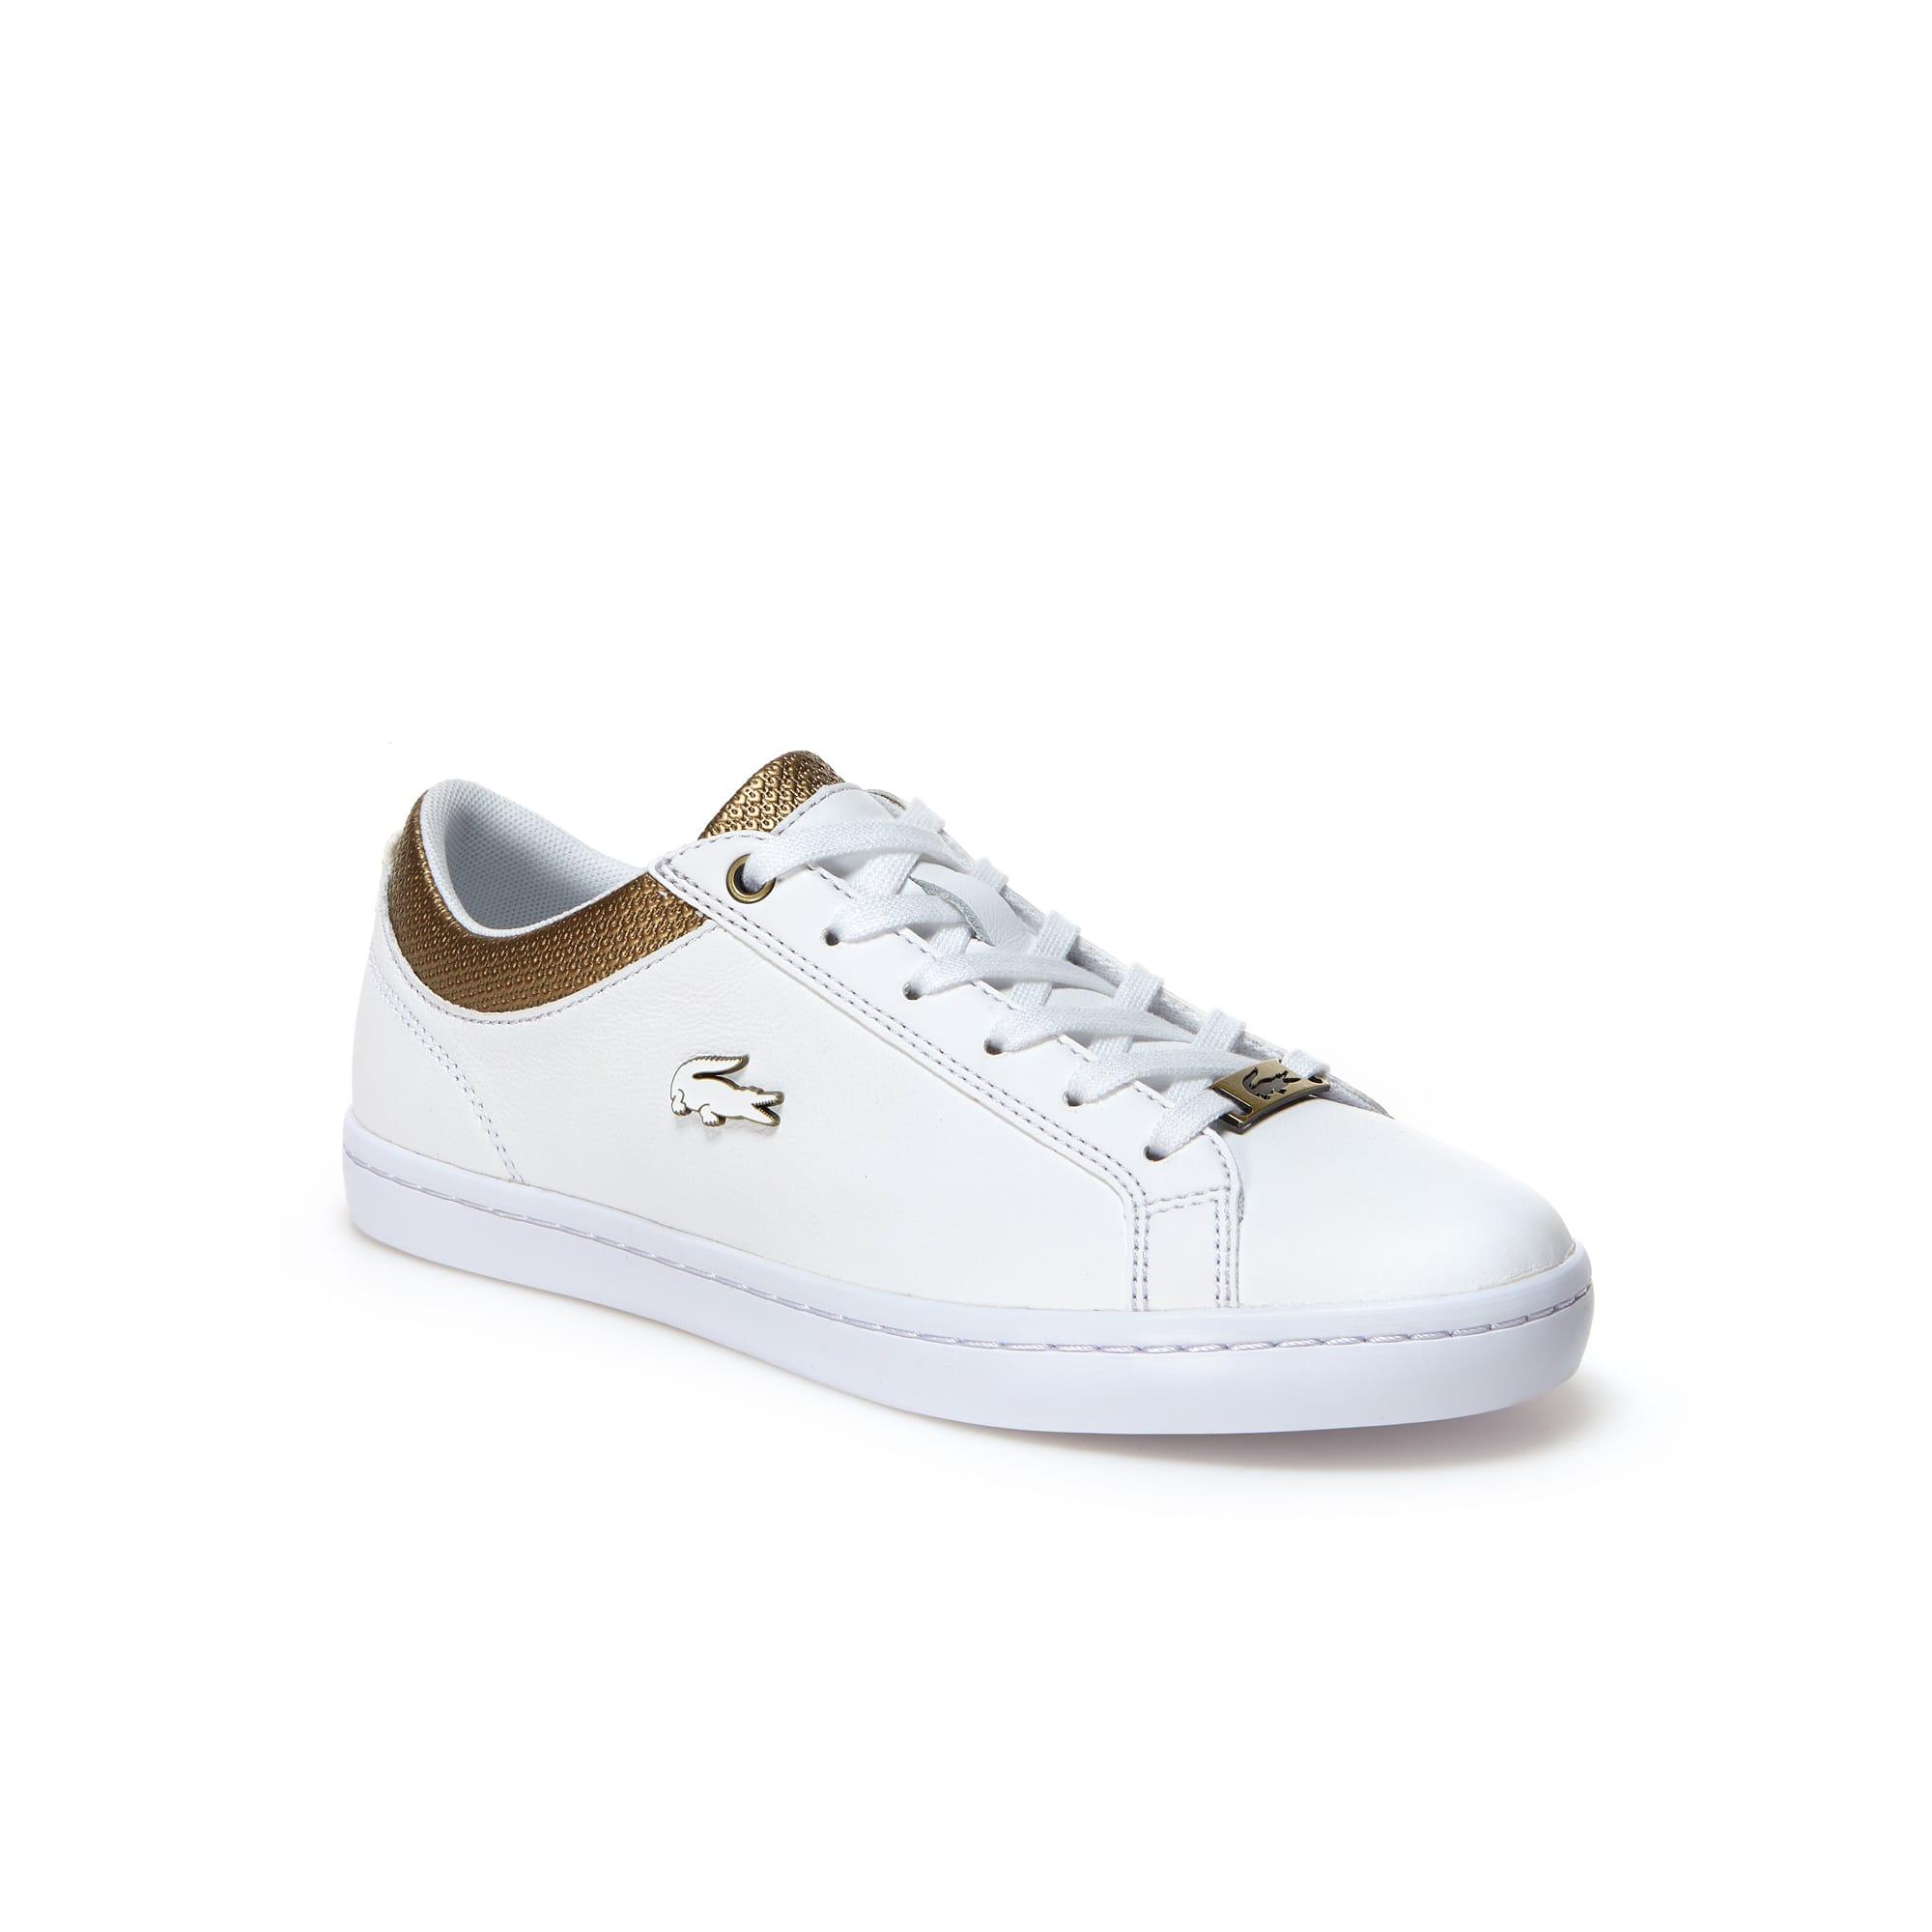 Chaussures De Sport À Faible Lacoste Argent Ziane RfAQQFKU01